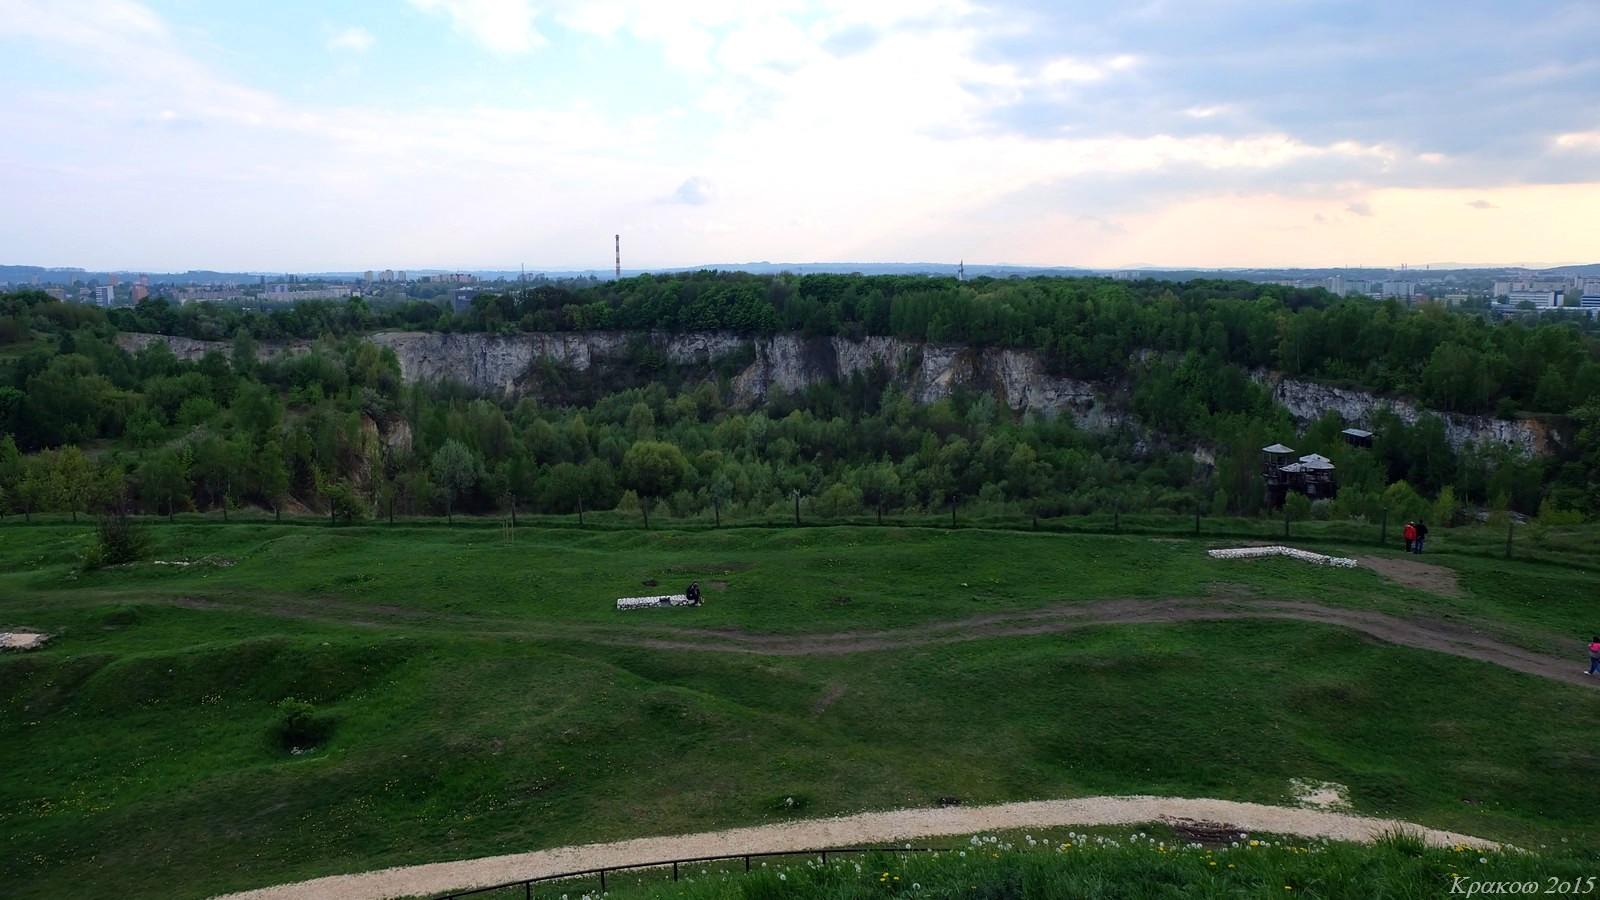 View from Kopiec Krakusa, Krakow, Poland